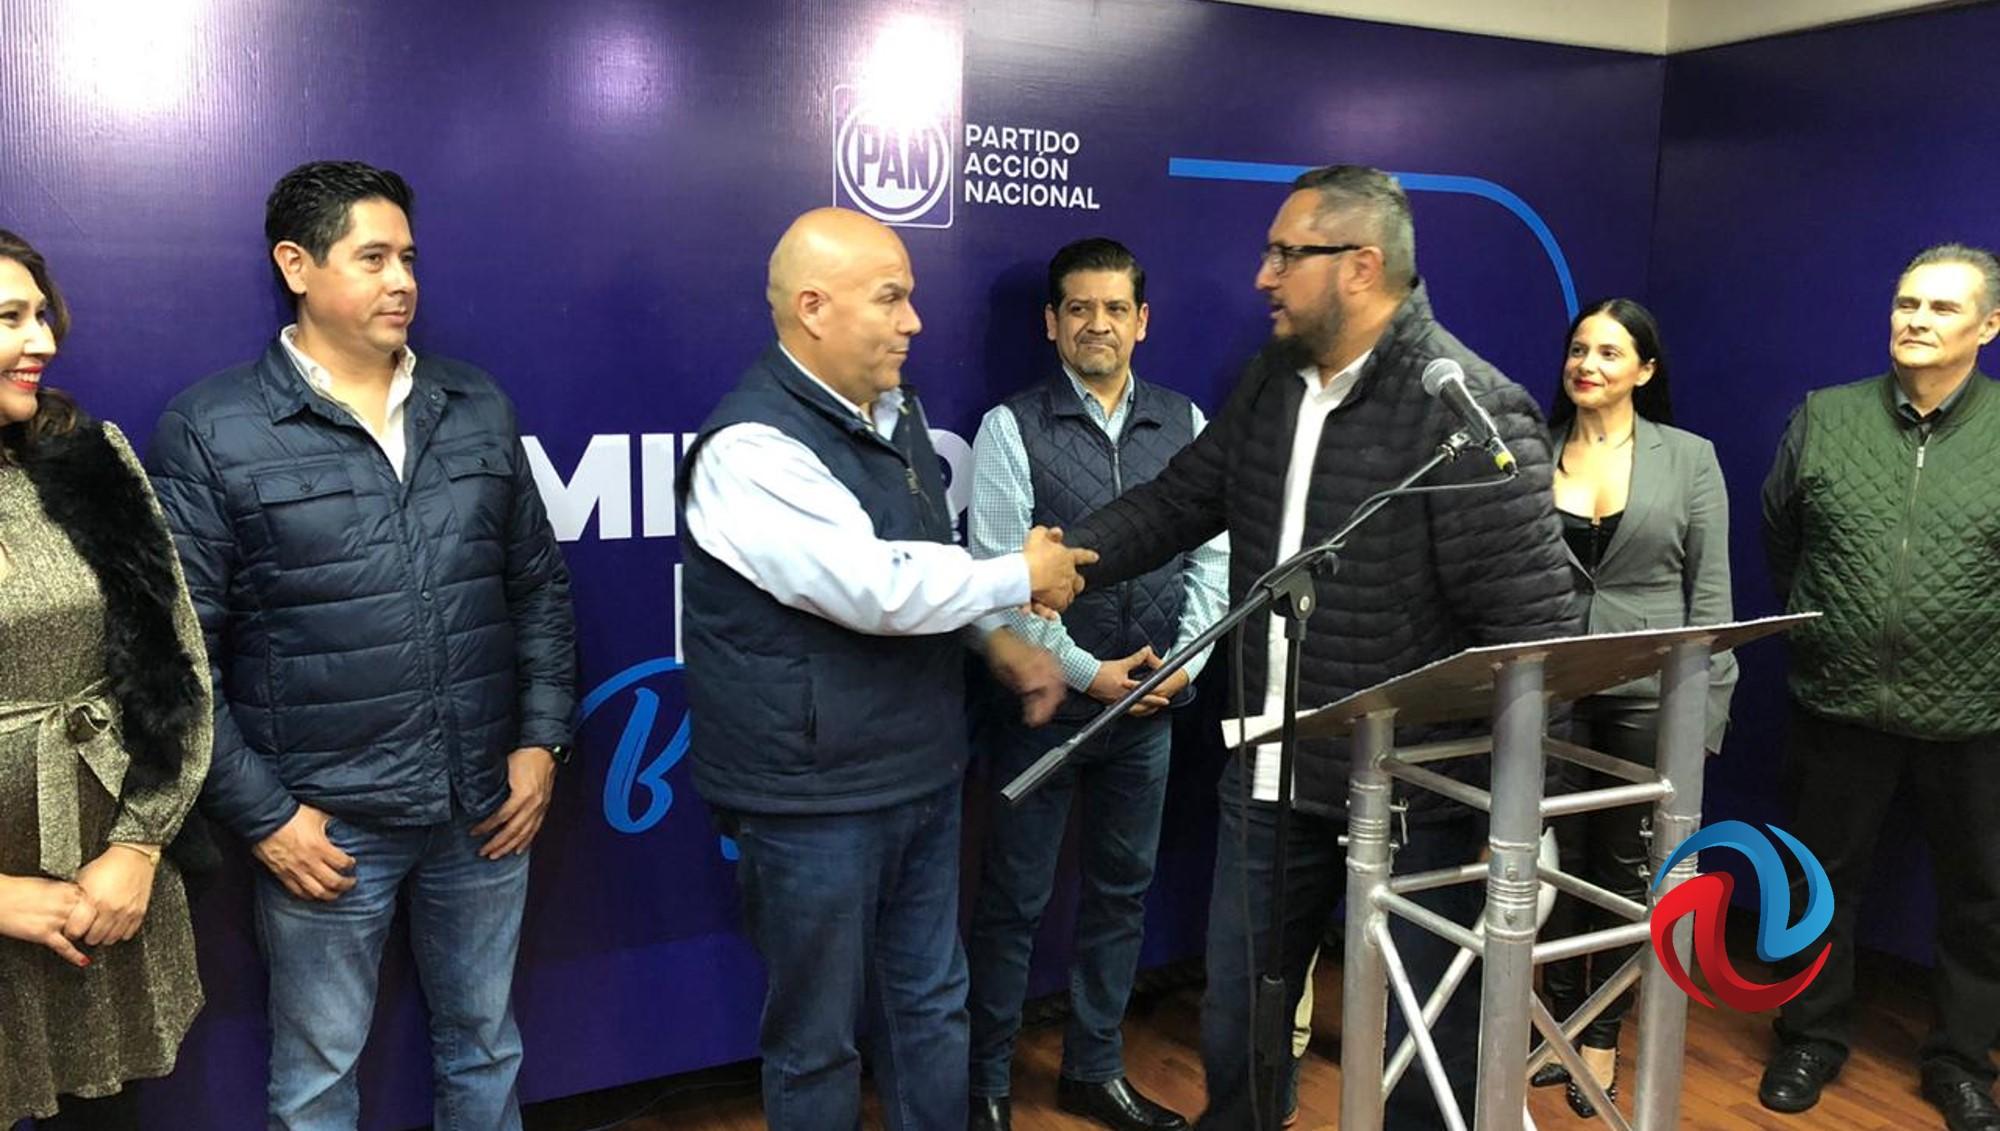 Corregir los errores y que los militantes decidan: Kiki Méndez